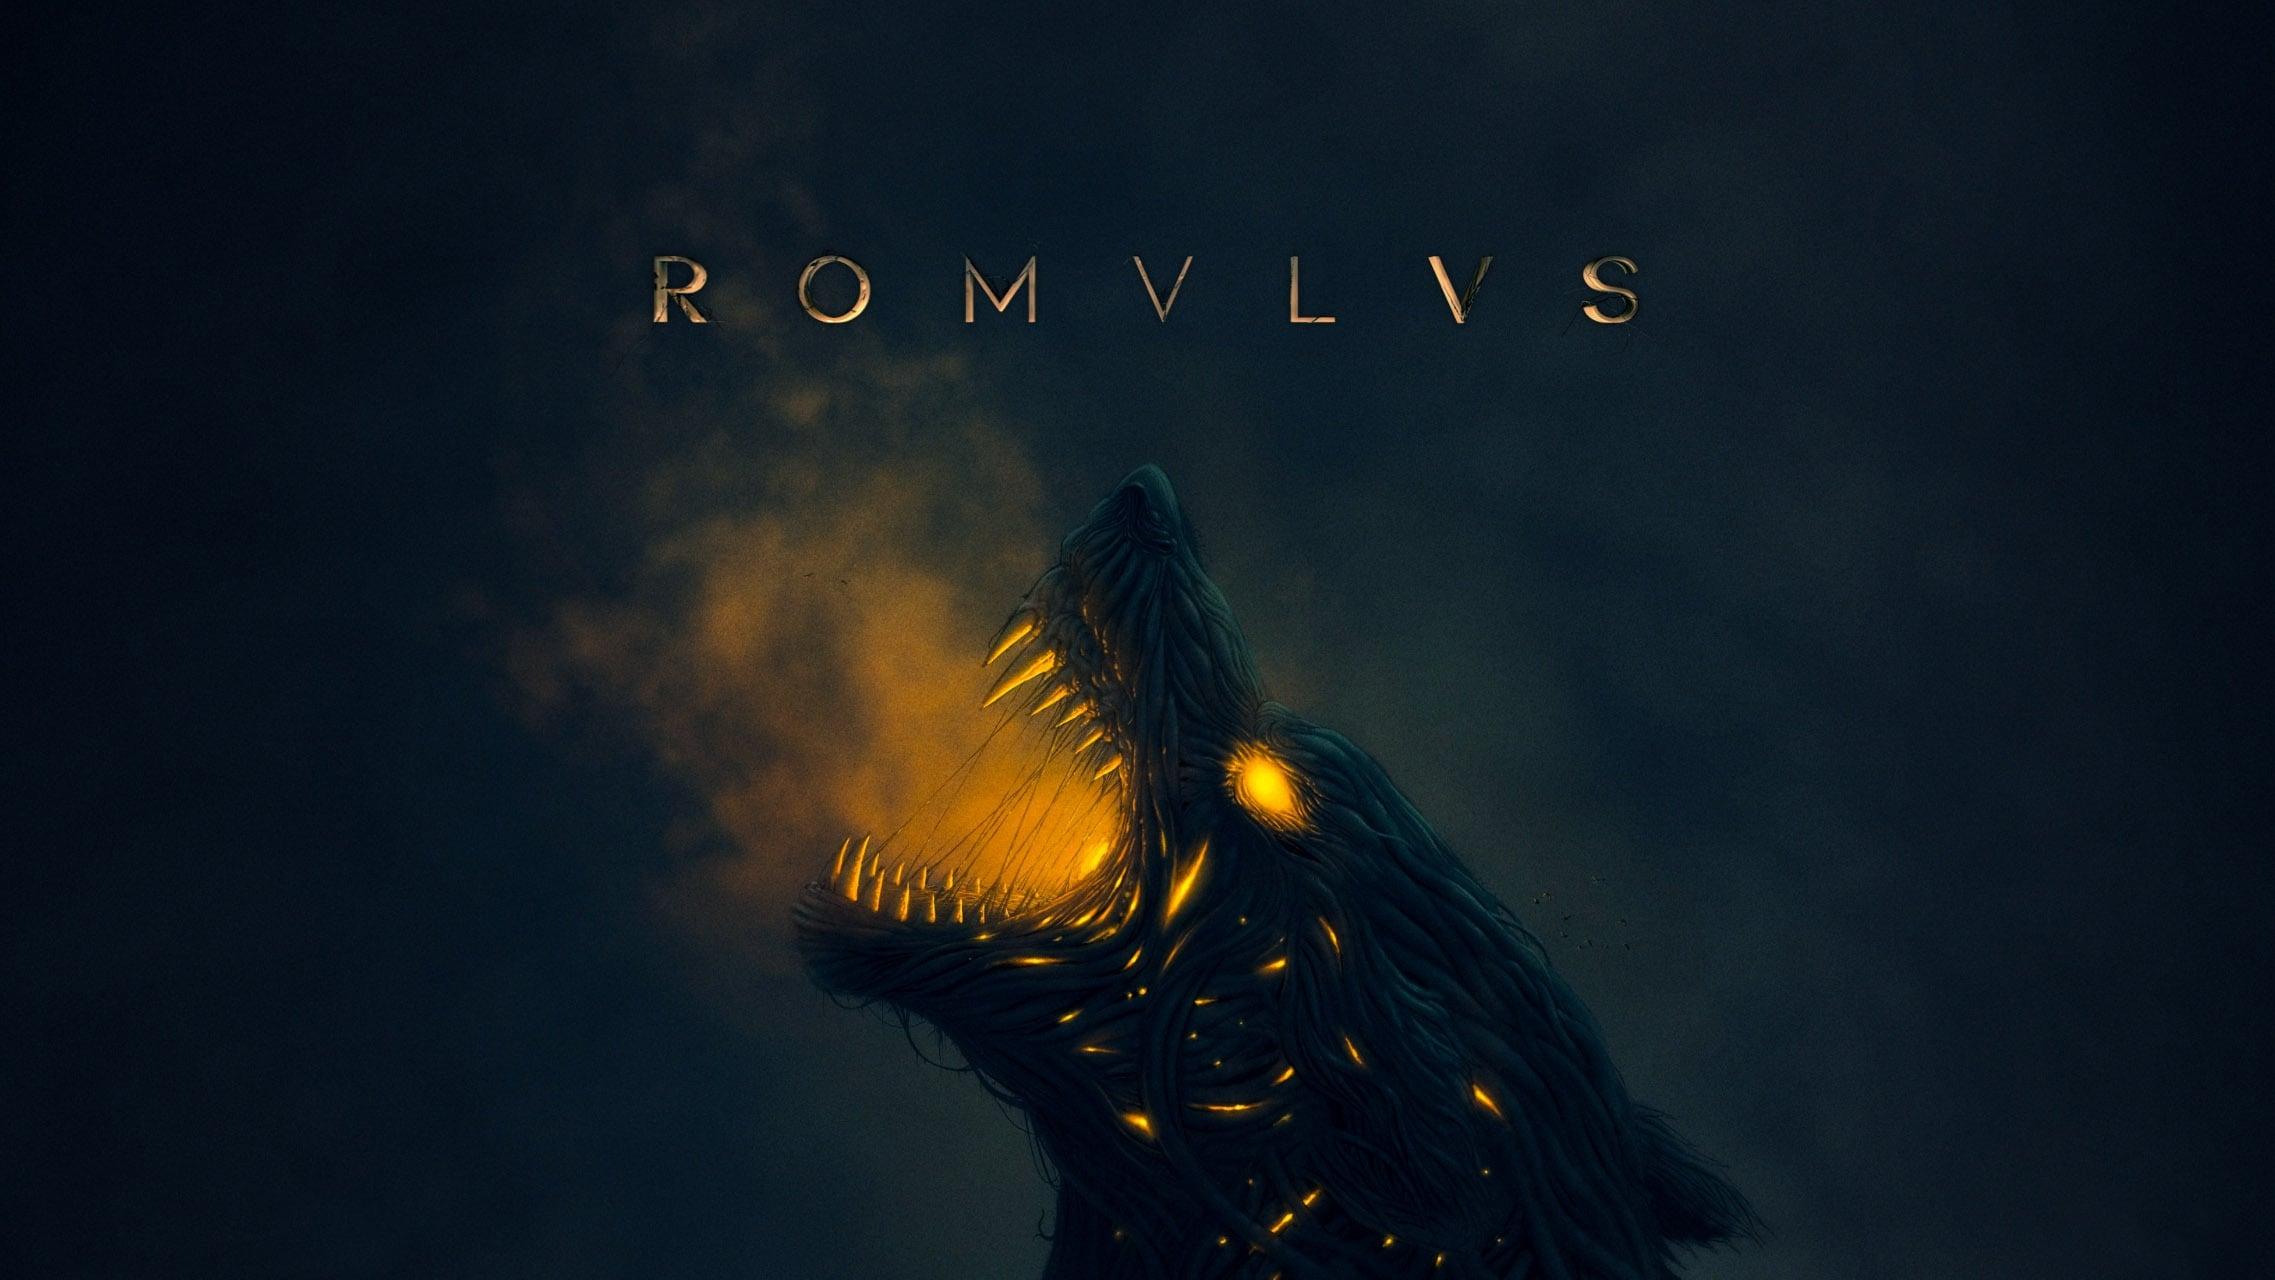 Romulus – Temporada 1 Completa [Mega]